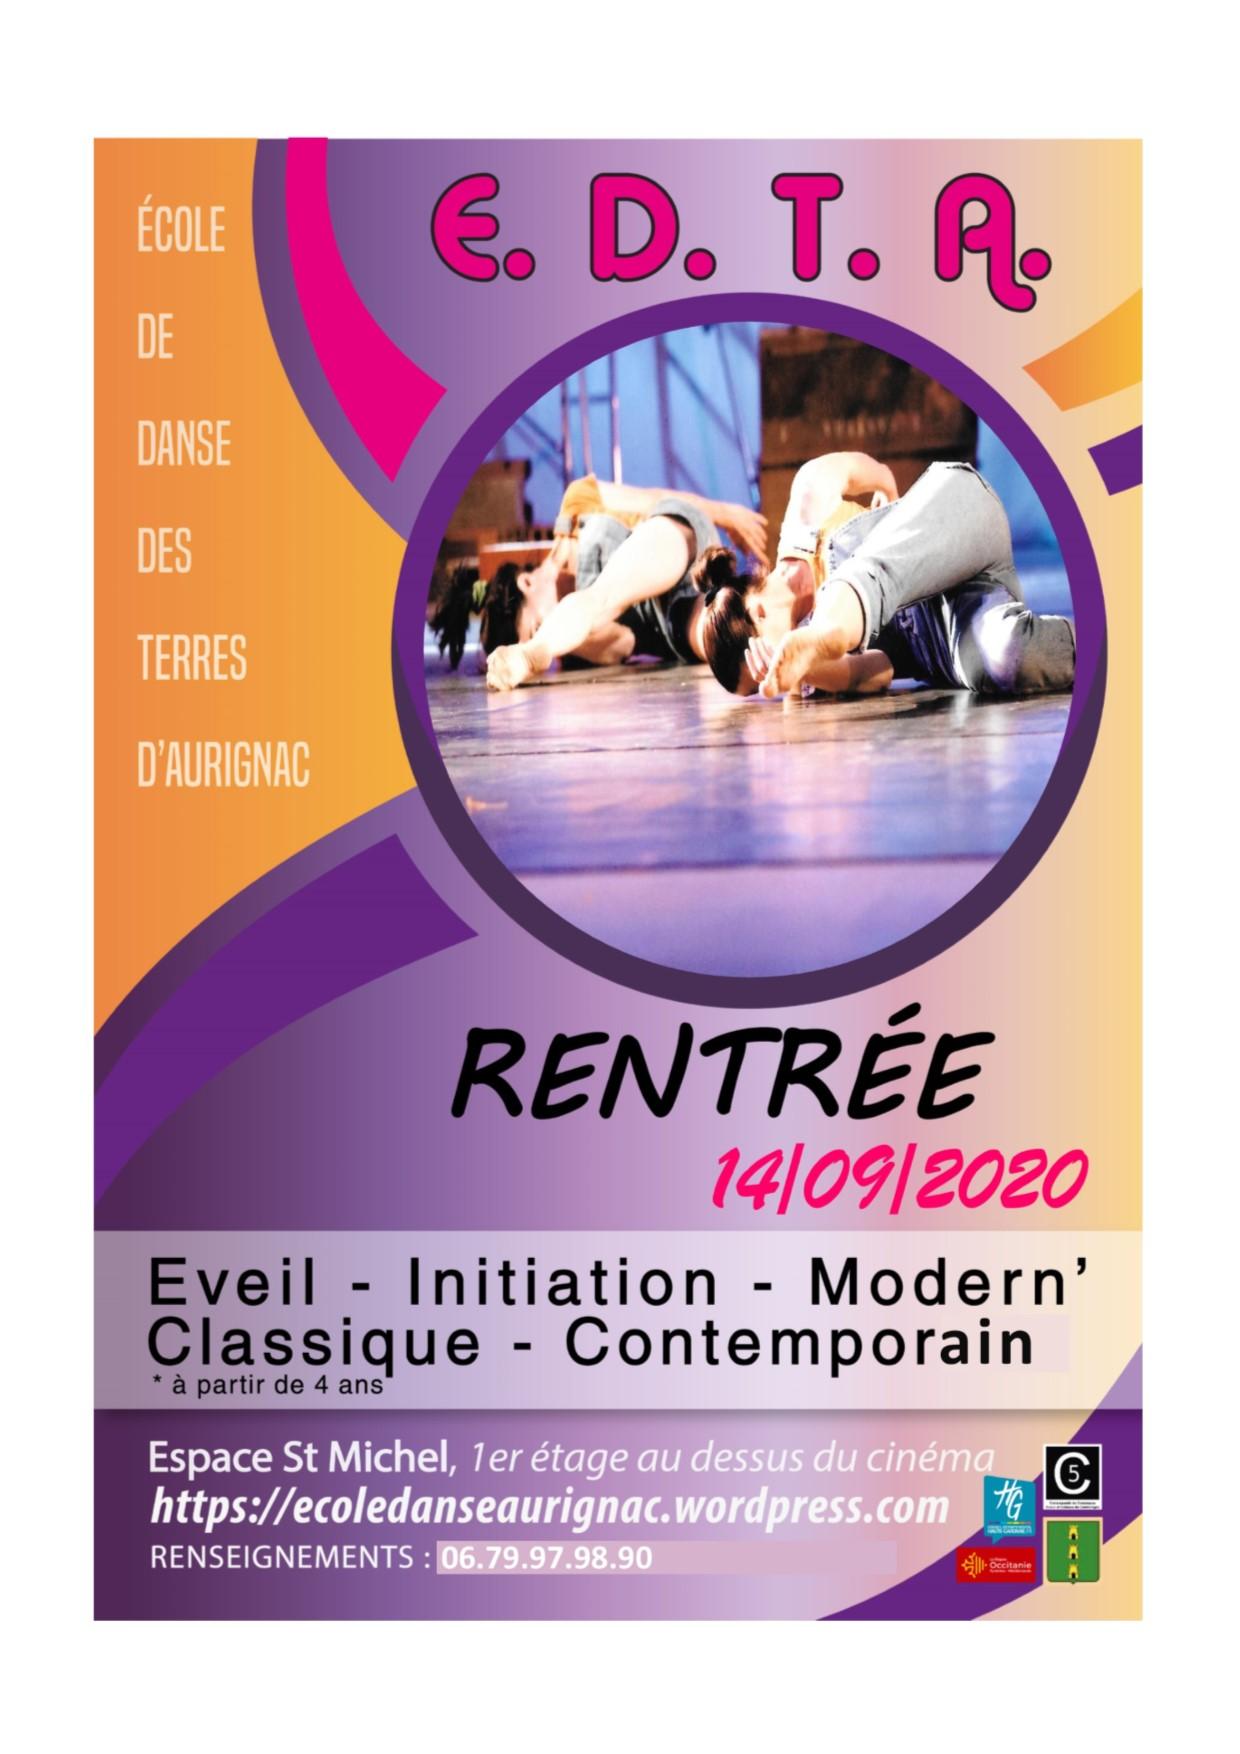 École de Danse des Terres d'AURIGNAC